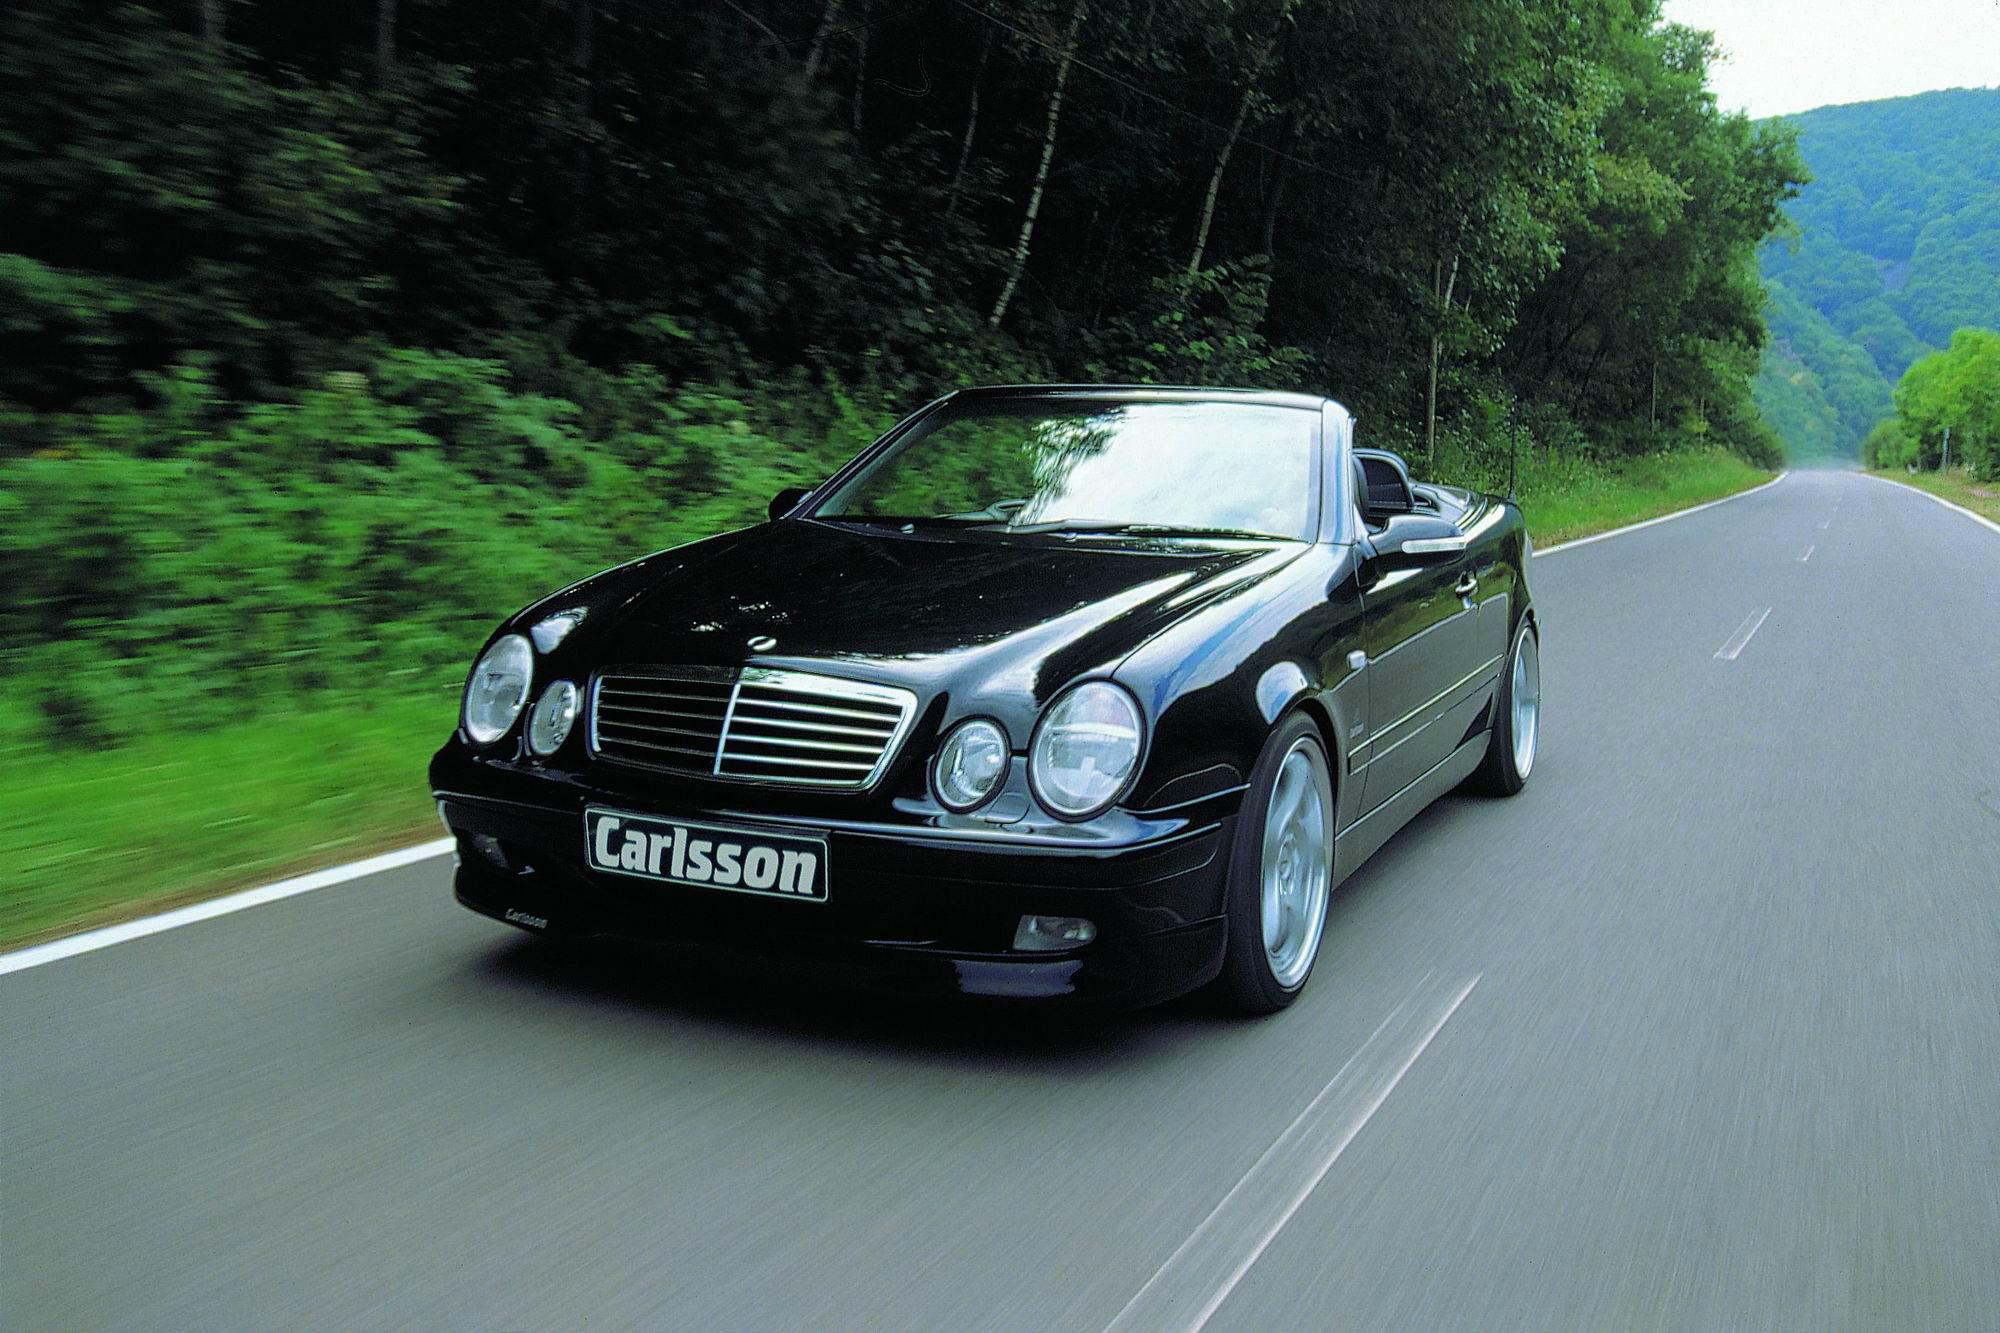 carlsson-mercedes-clk-class-a208-front